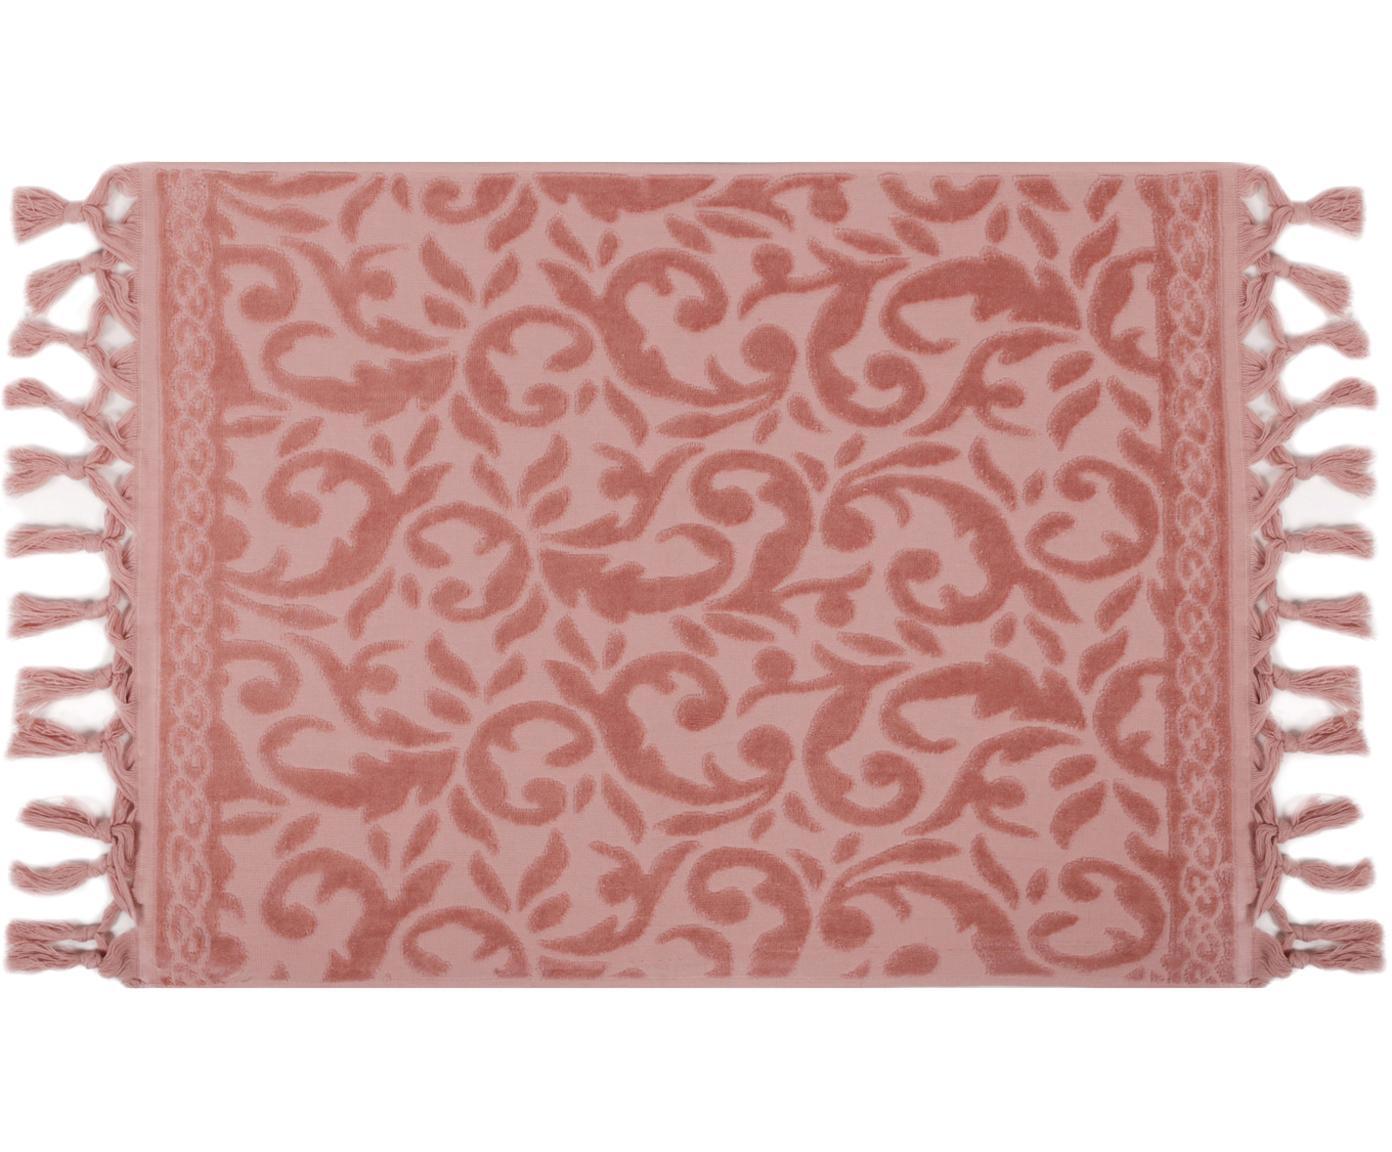 Badmat Caroline met fluwelen paisley patroon, Katoen, Roze, 50 x 70 cm